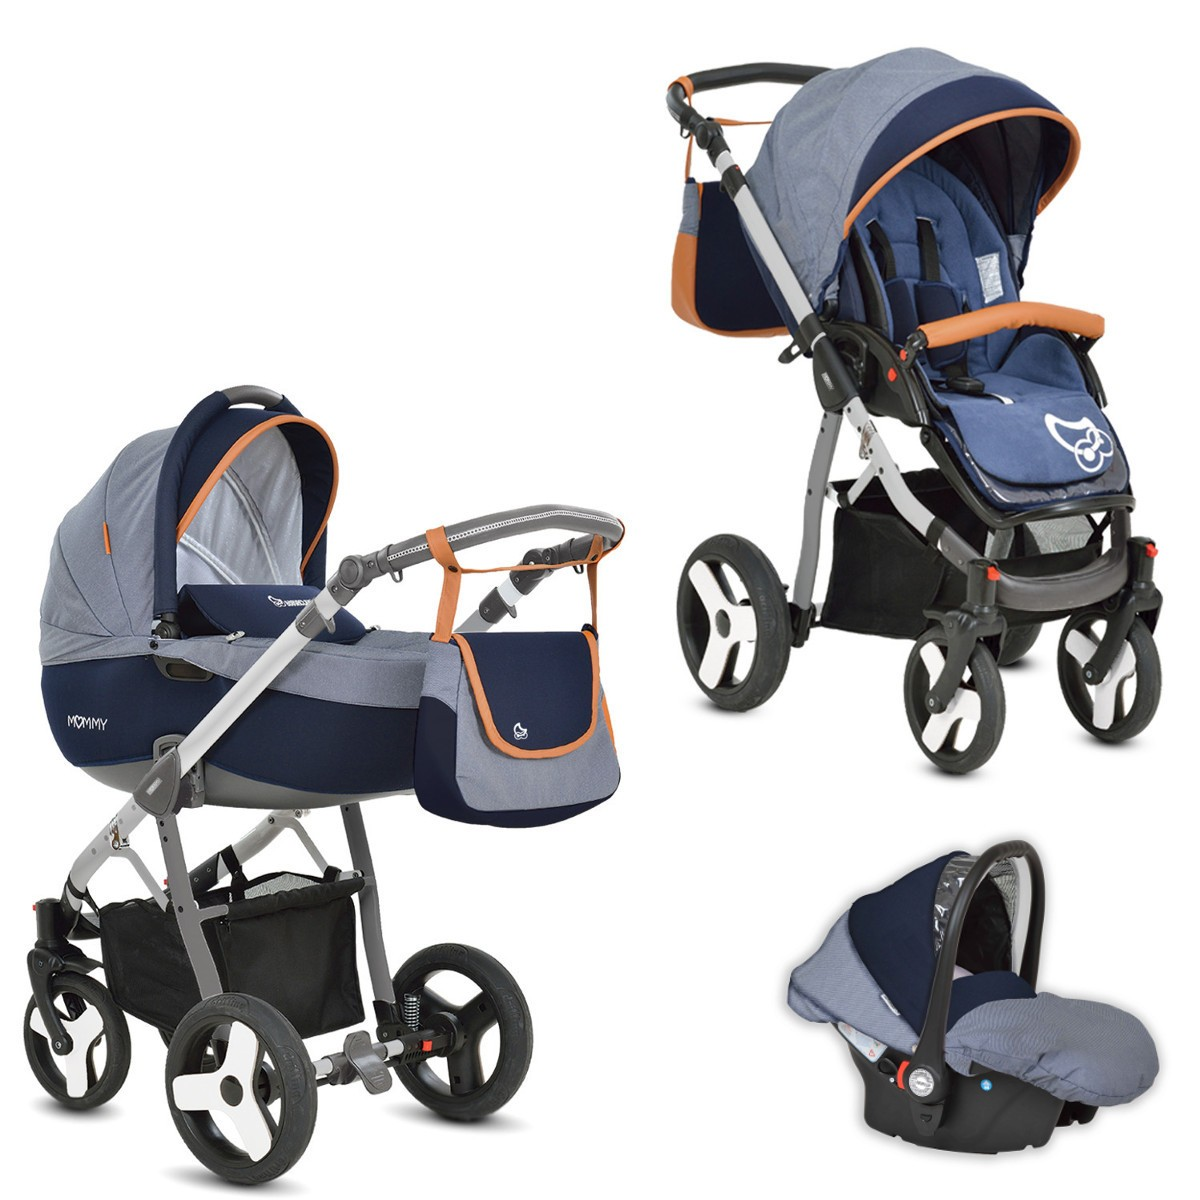 mommy kombi kinderwagen 2in1 mit babywanne. Black Bedroom Furniture Sets. Home Design Ideas